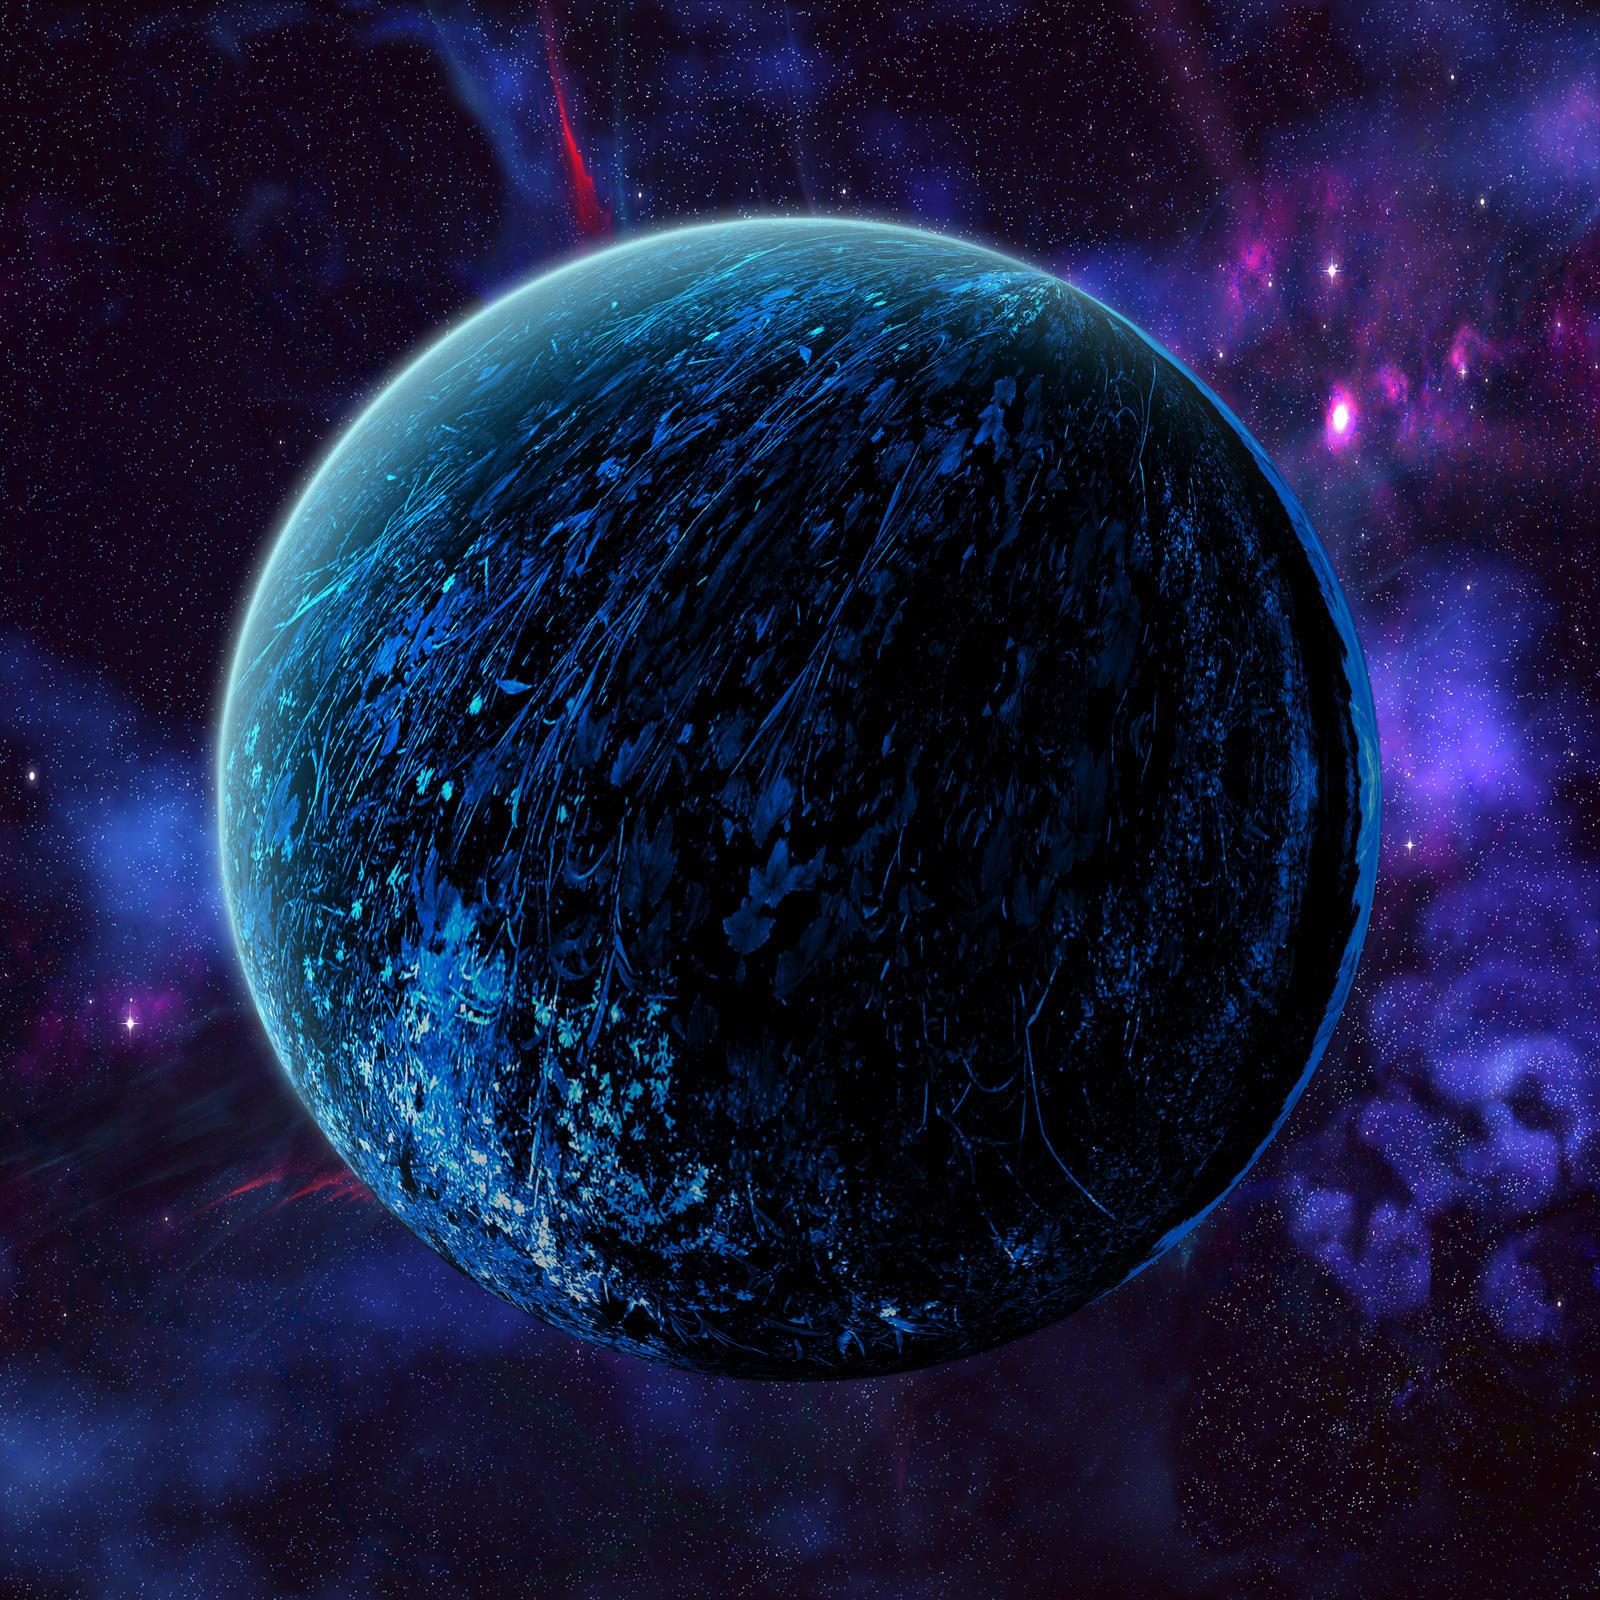 El Planeta Gaabv'rvraer'k't